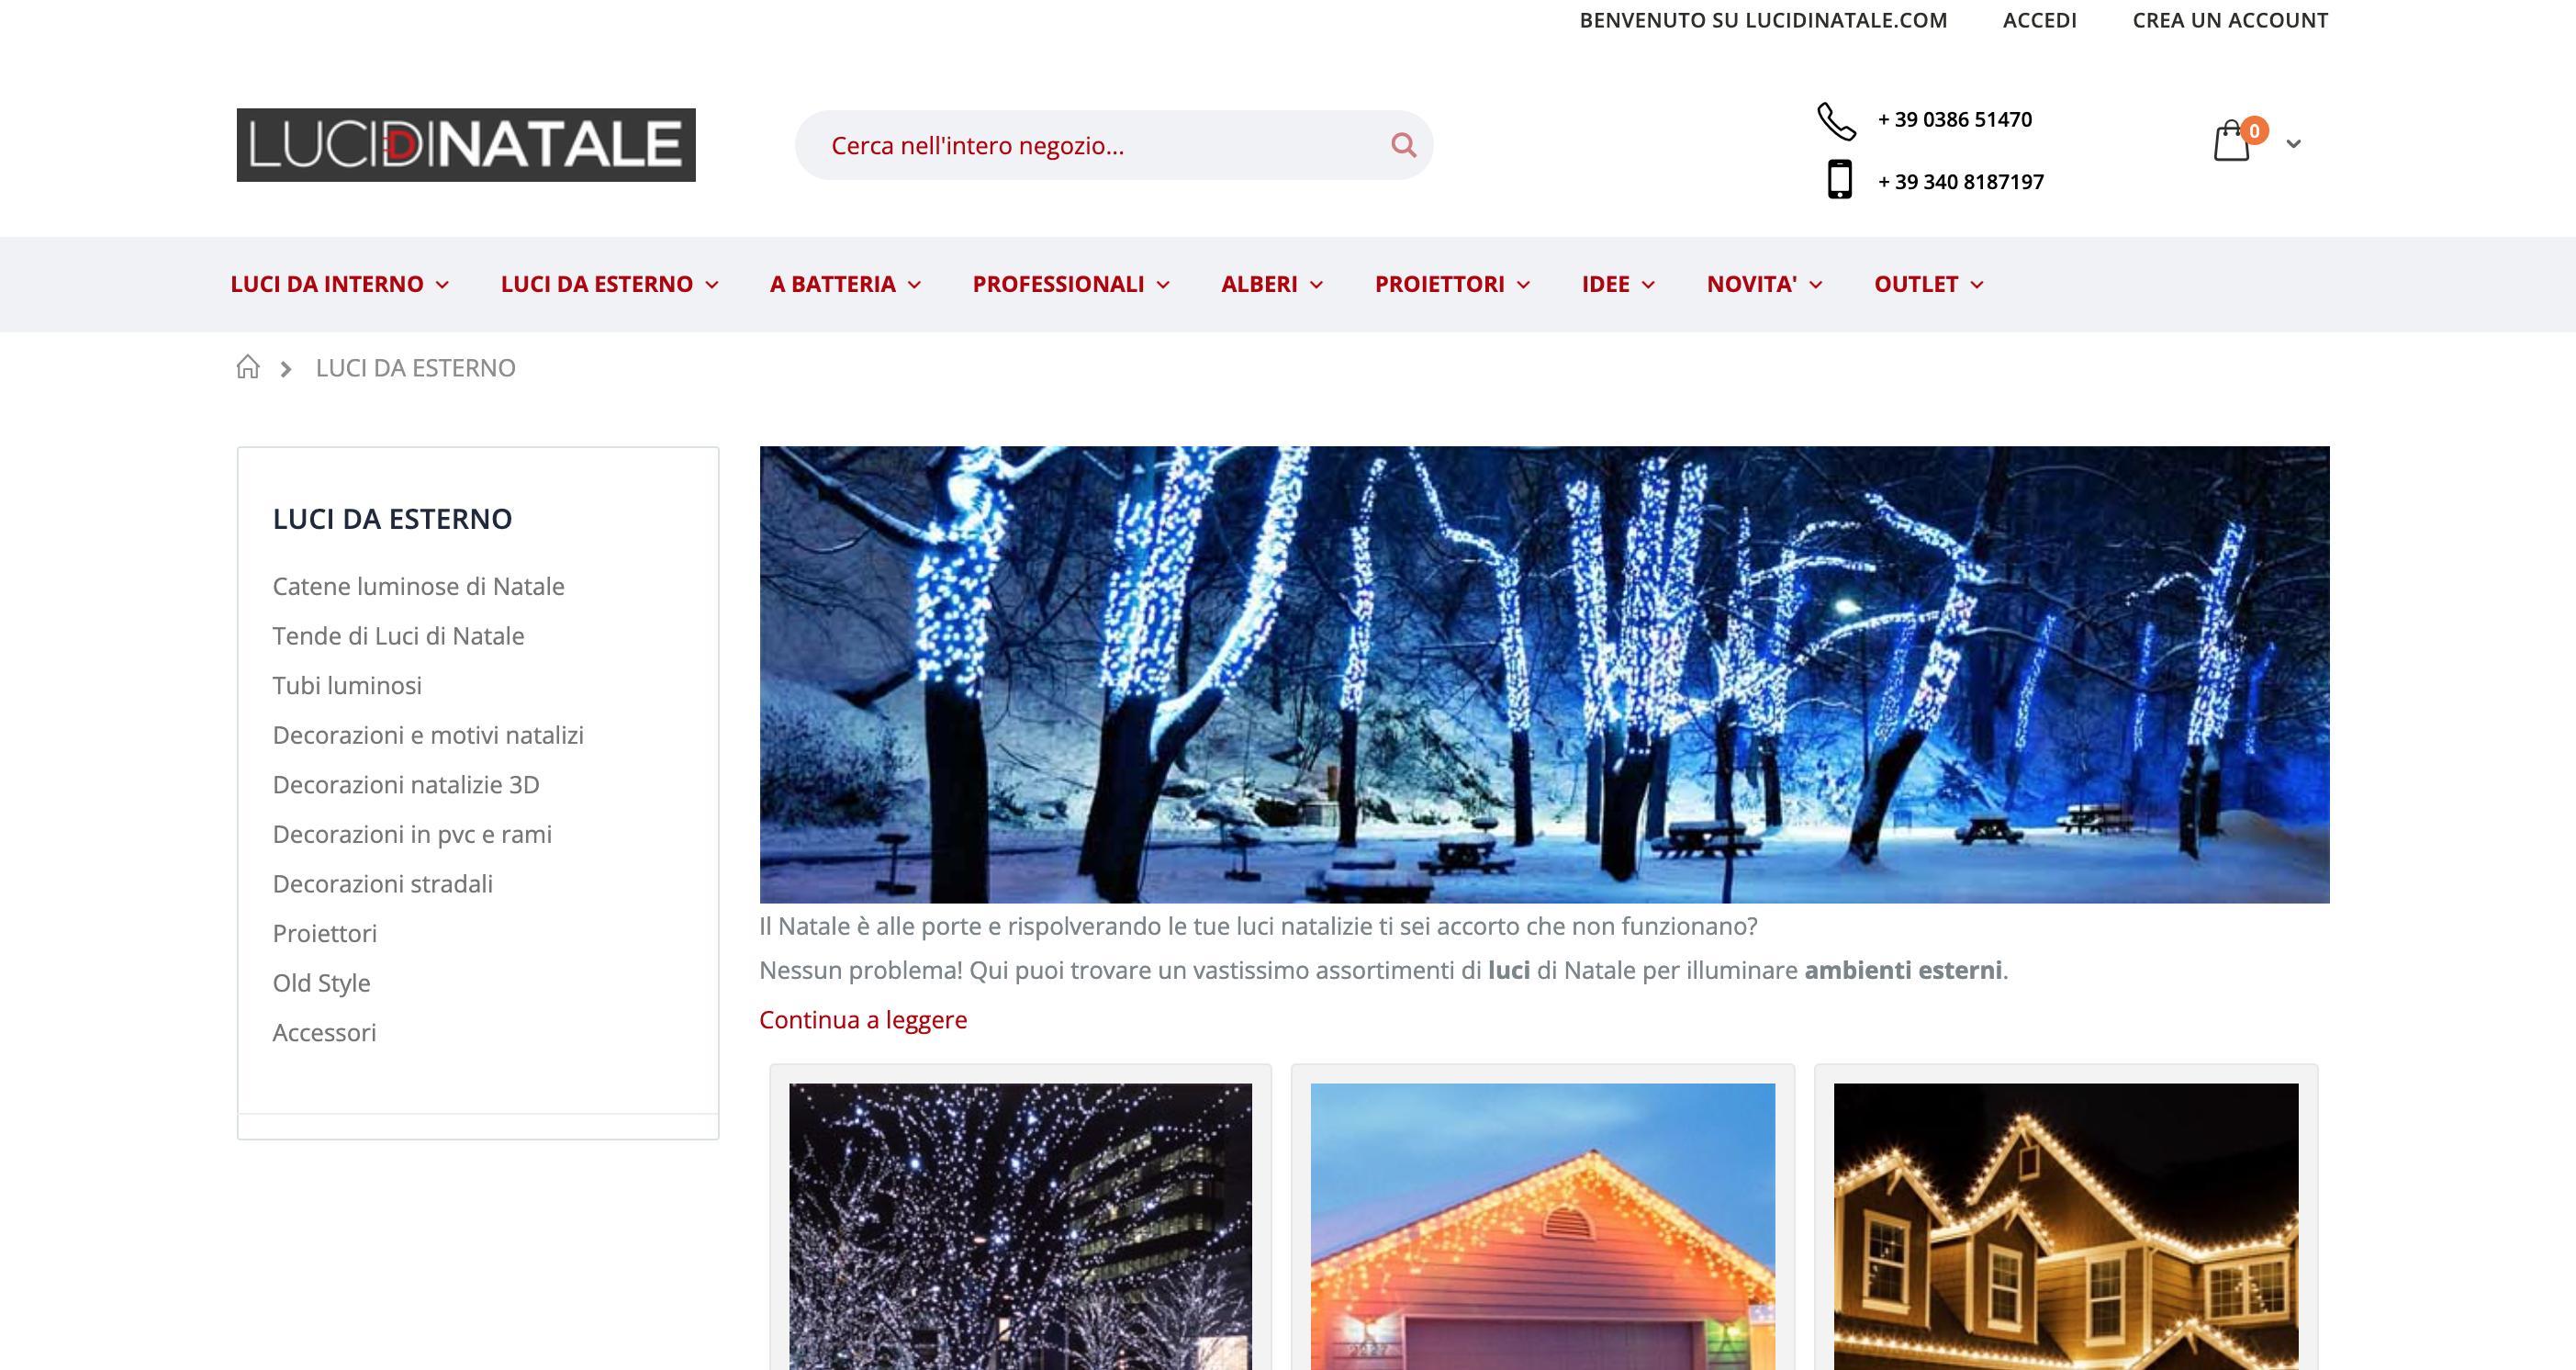 LuciDiNatale.com tra I migliori siti per luci di Natale da esterno